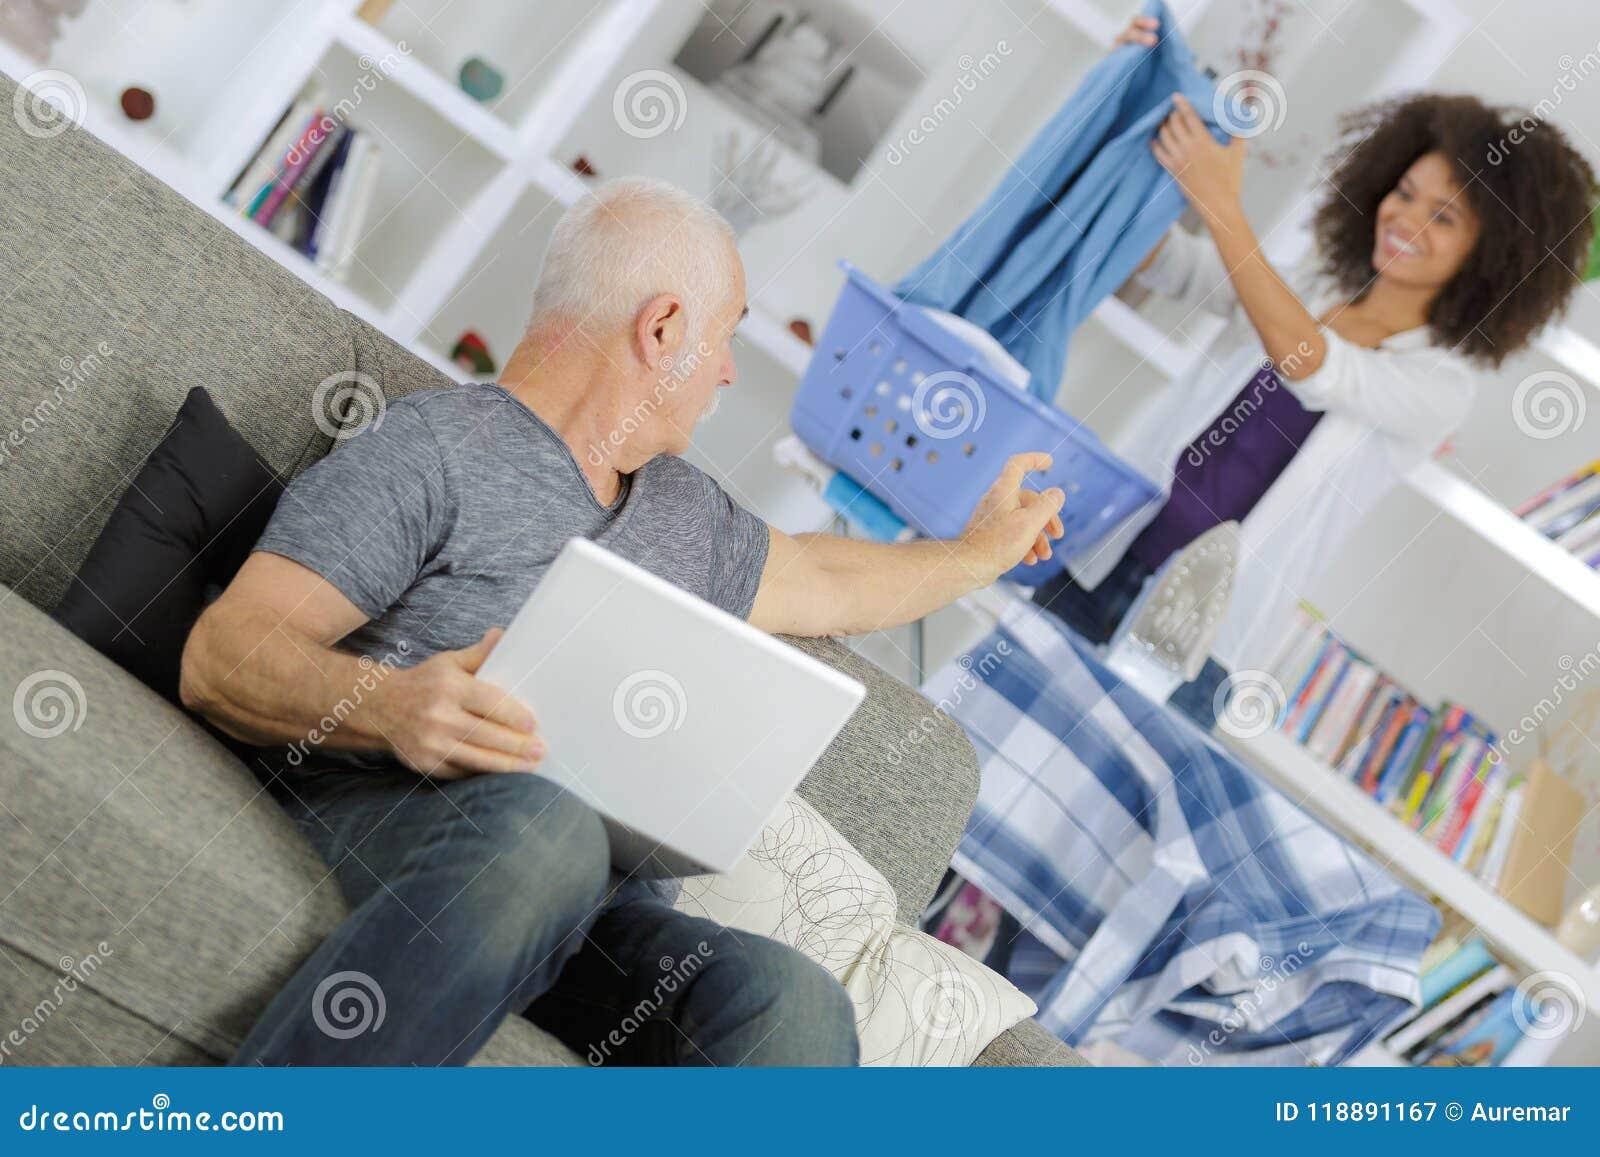 Frau sucht reichen mann im internet